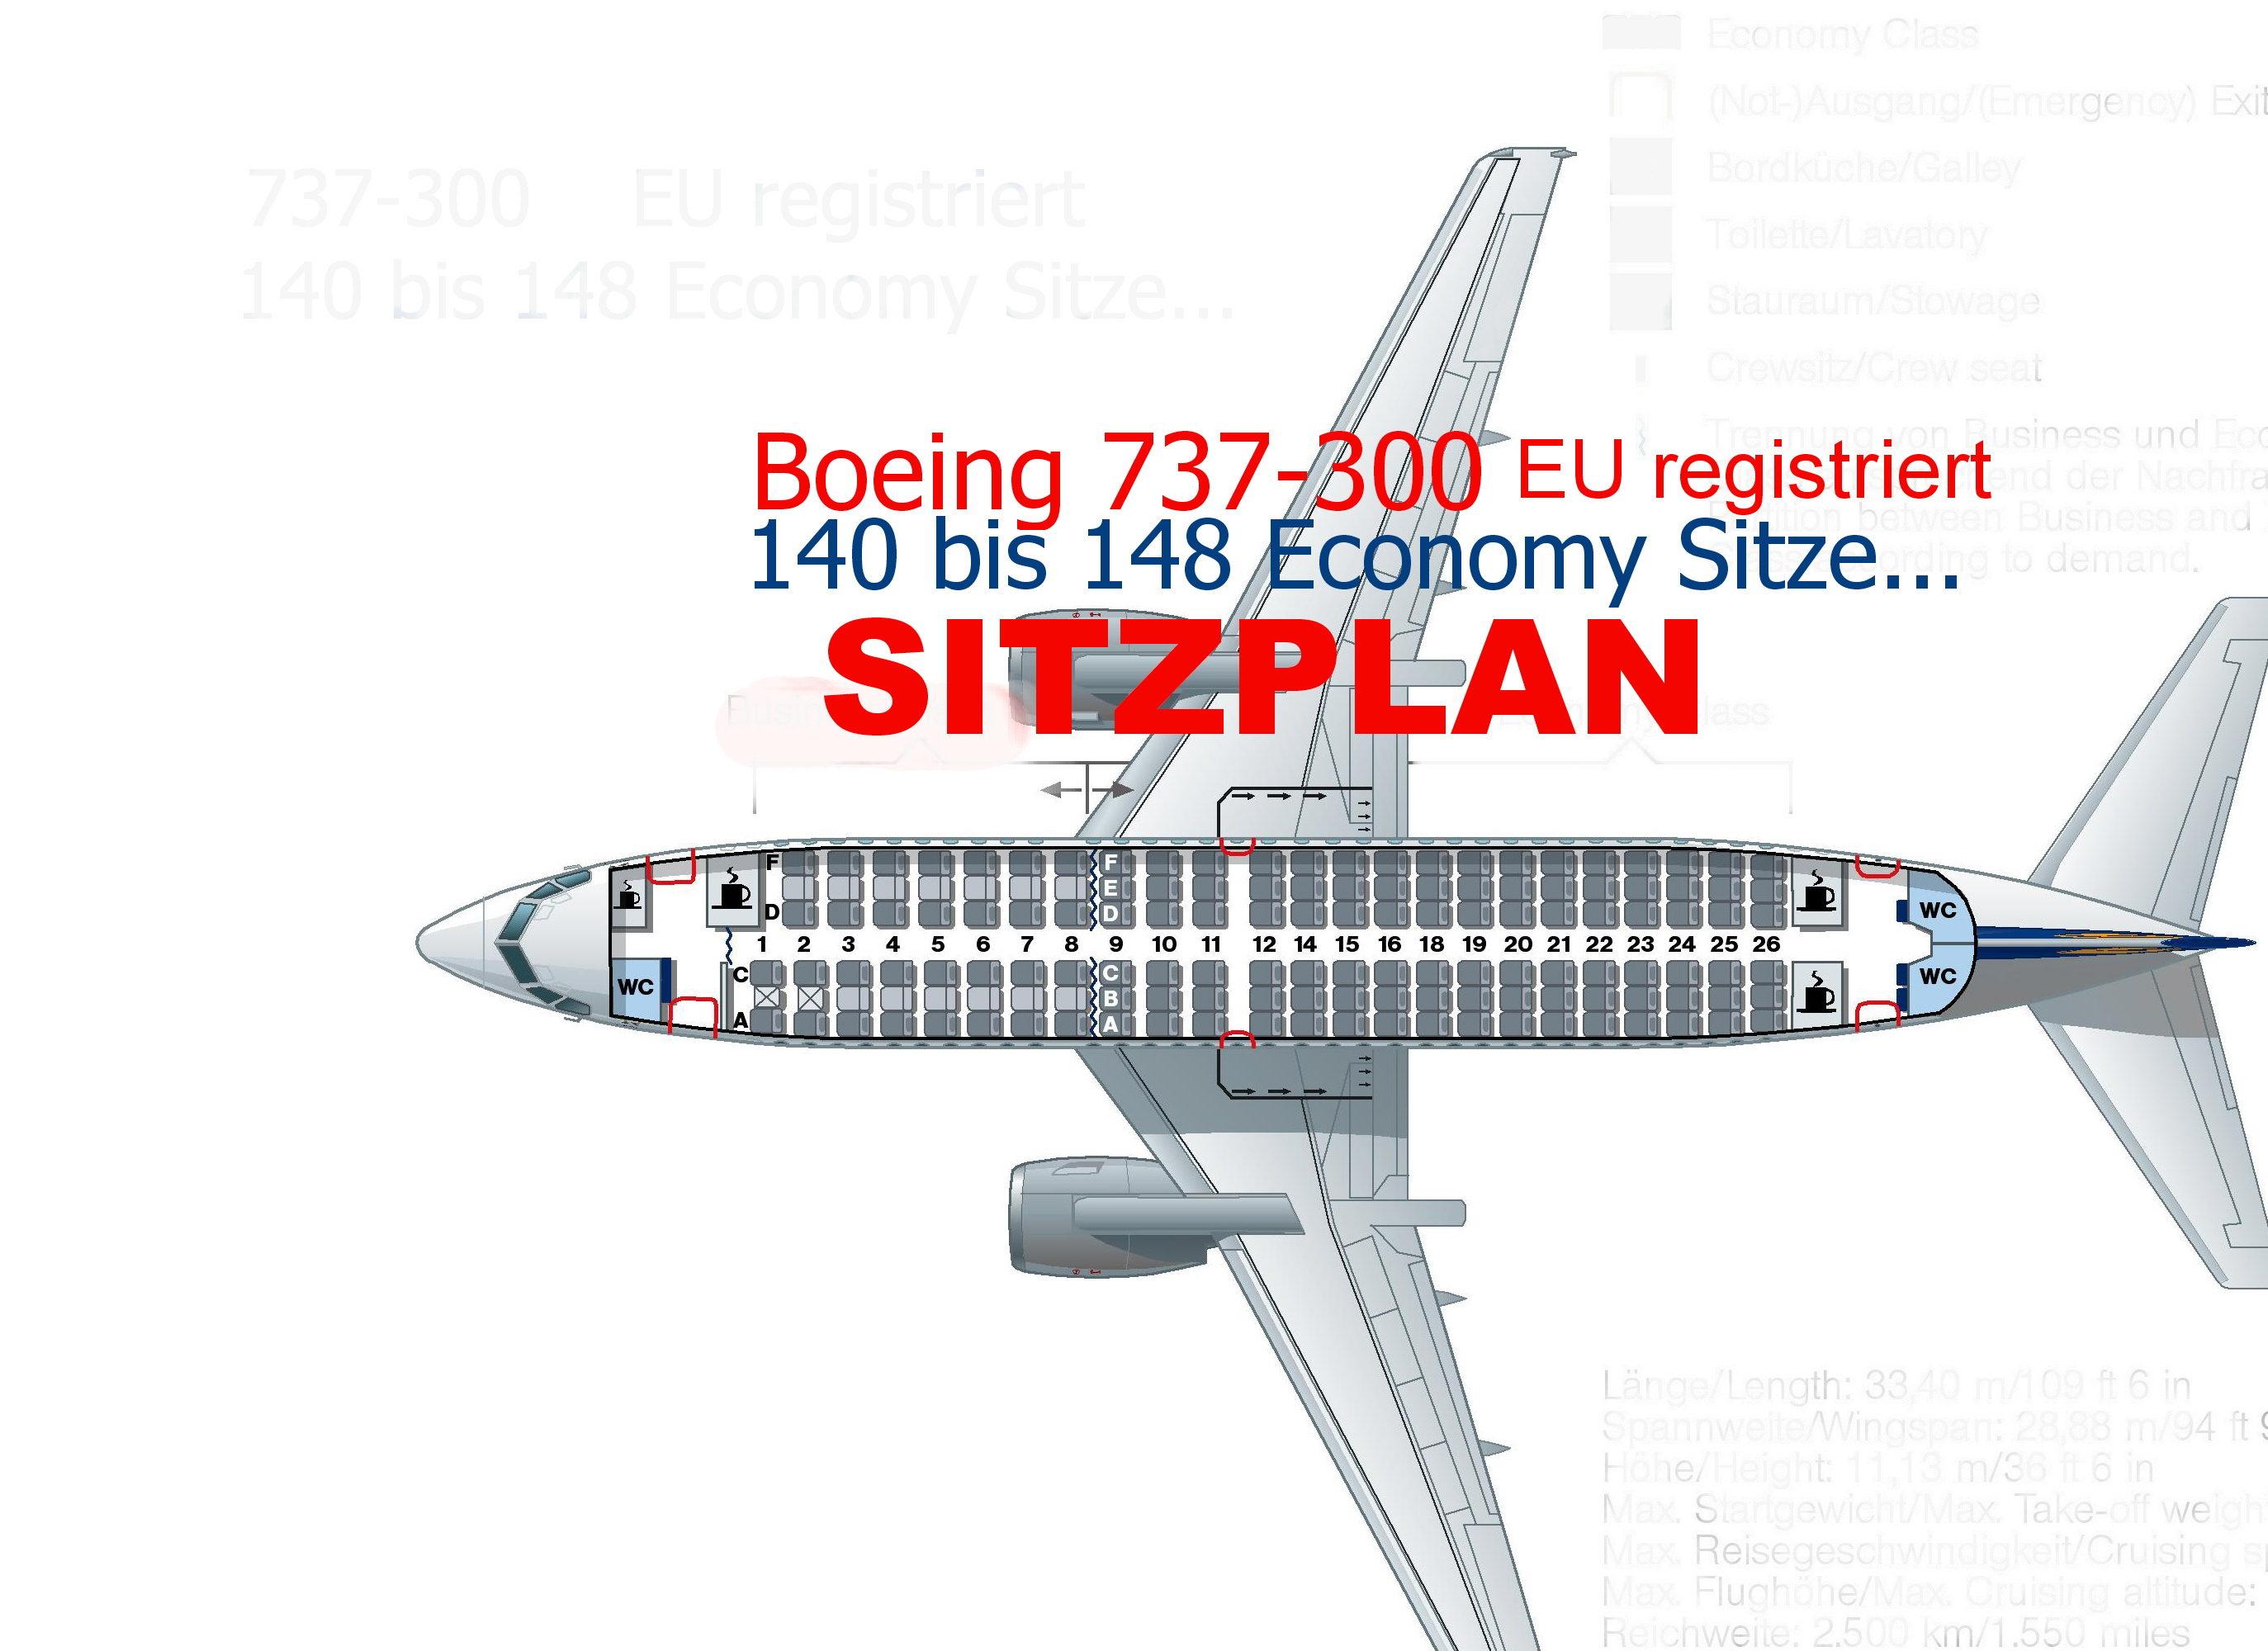 Boeing.737-300.sitzplan.20Feb17